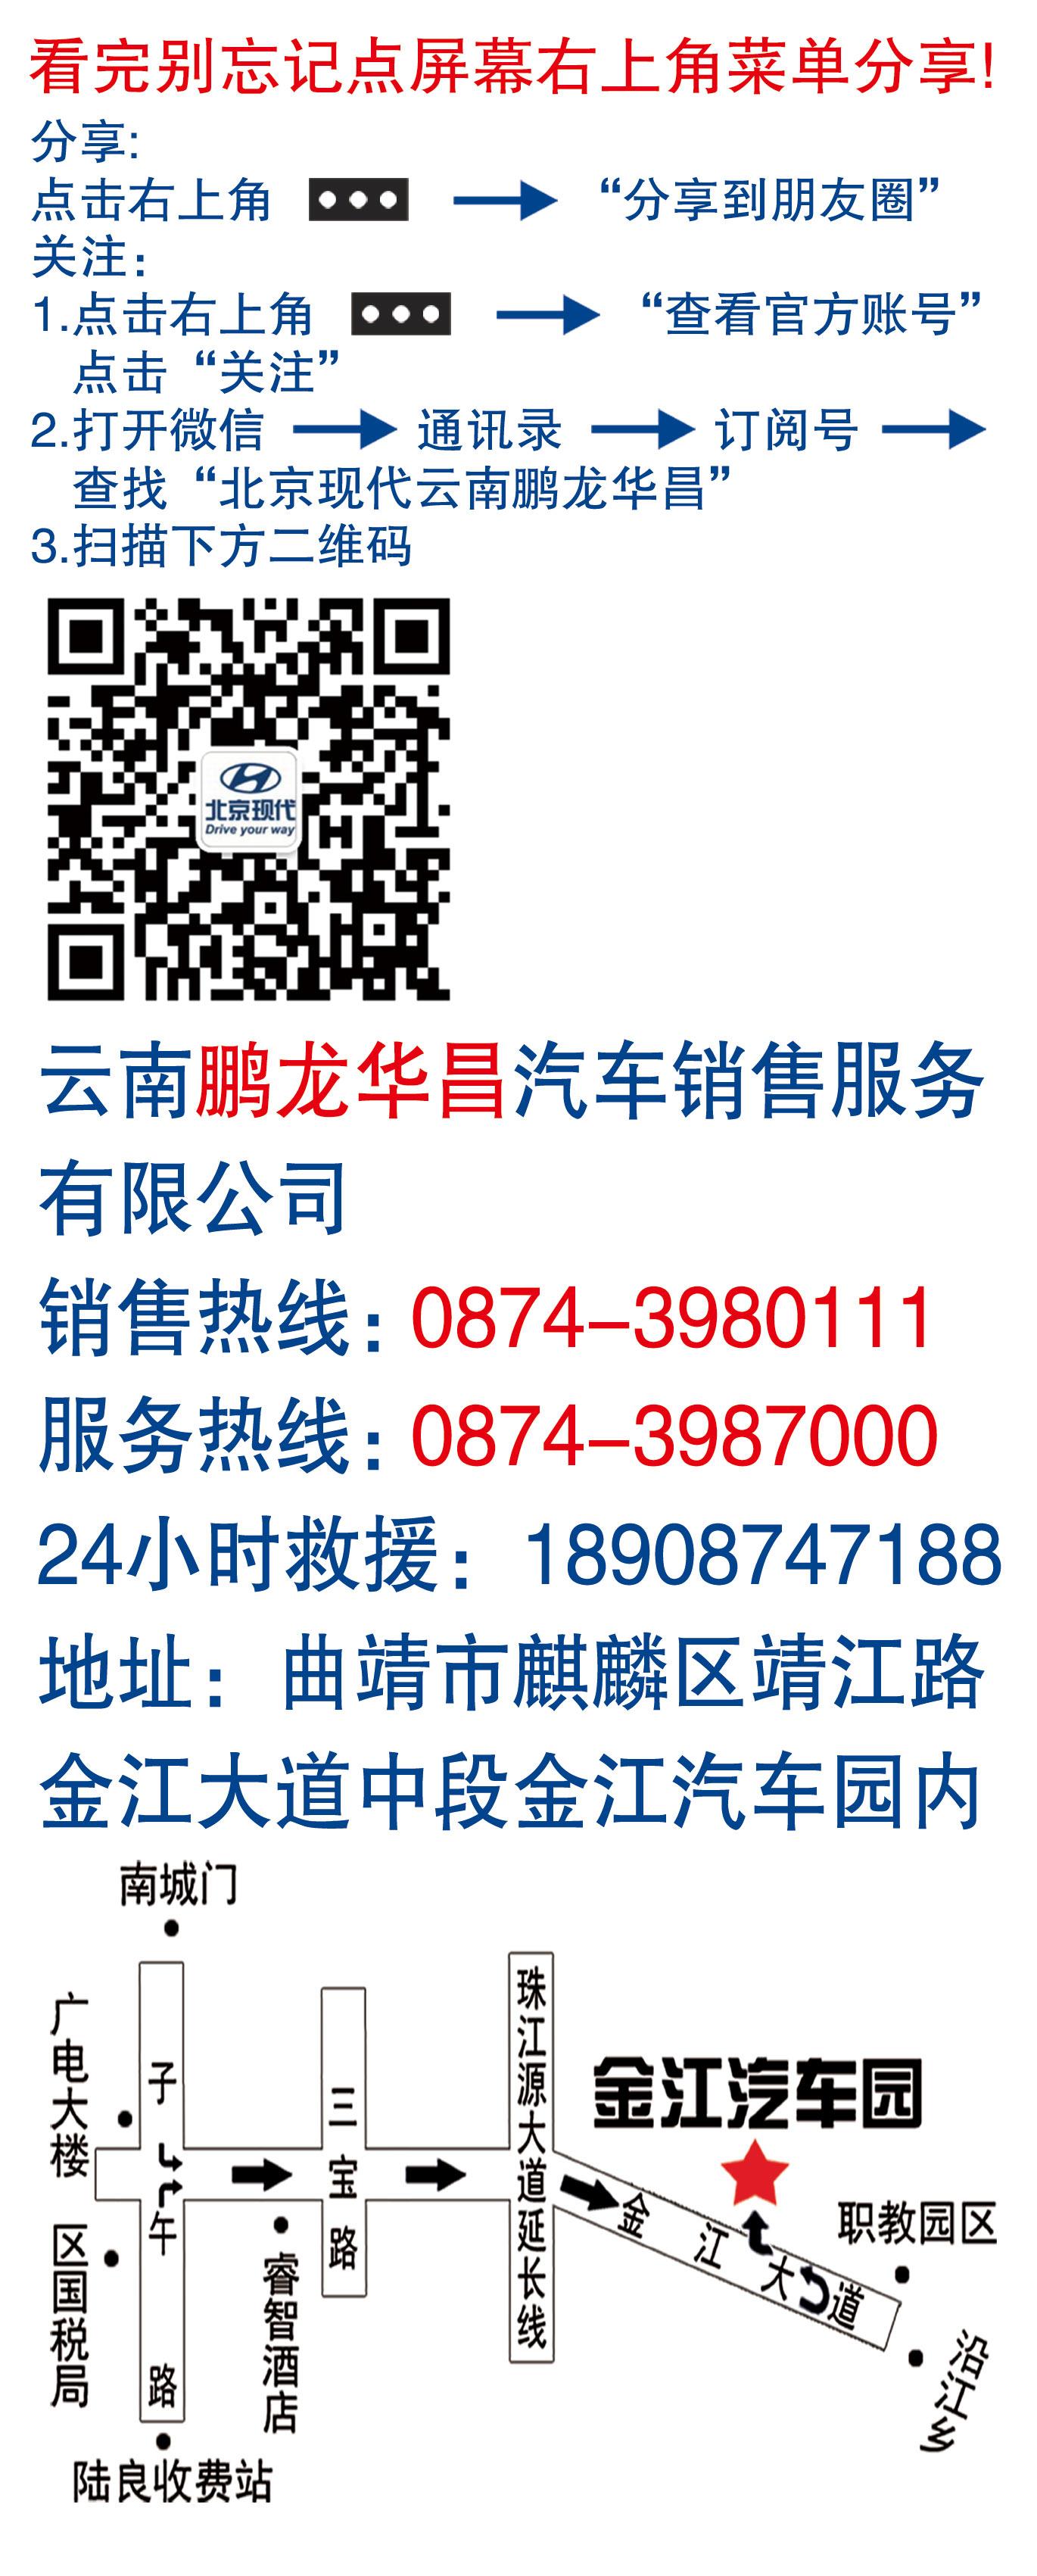 抒澎湃续风雅试驾北京现代第九代索纳塔高清图片